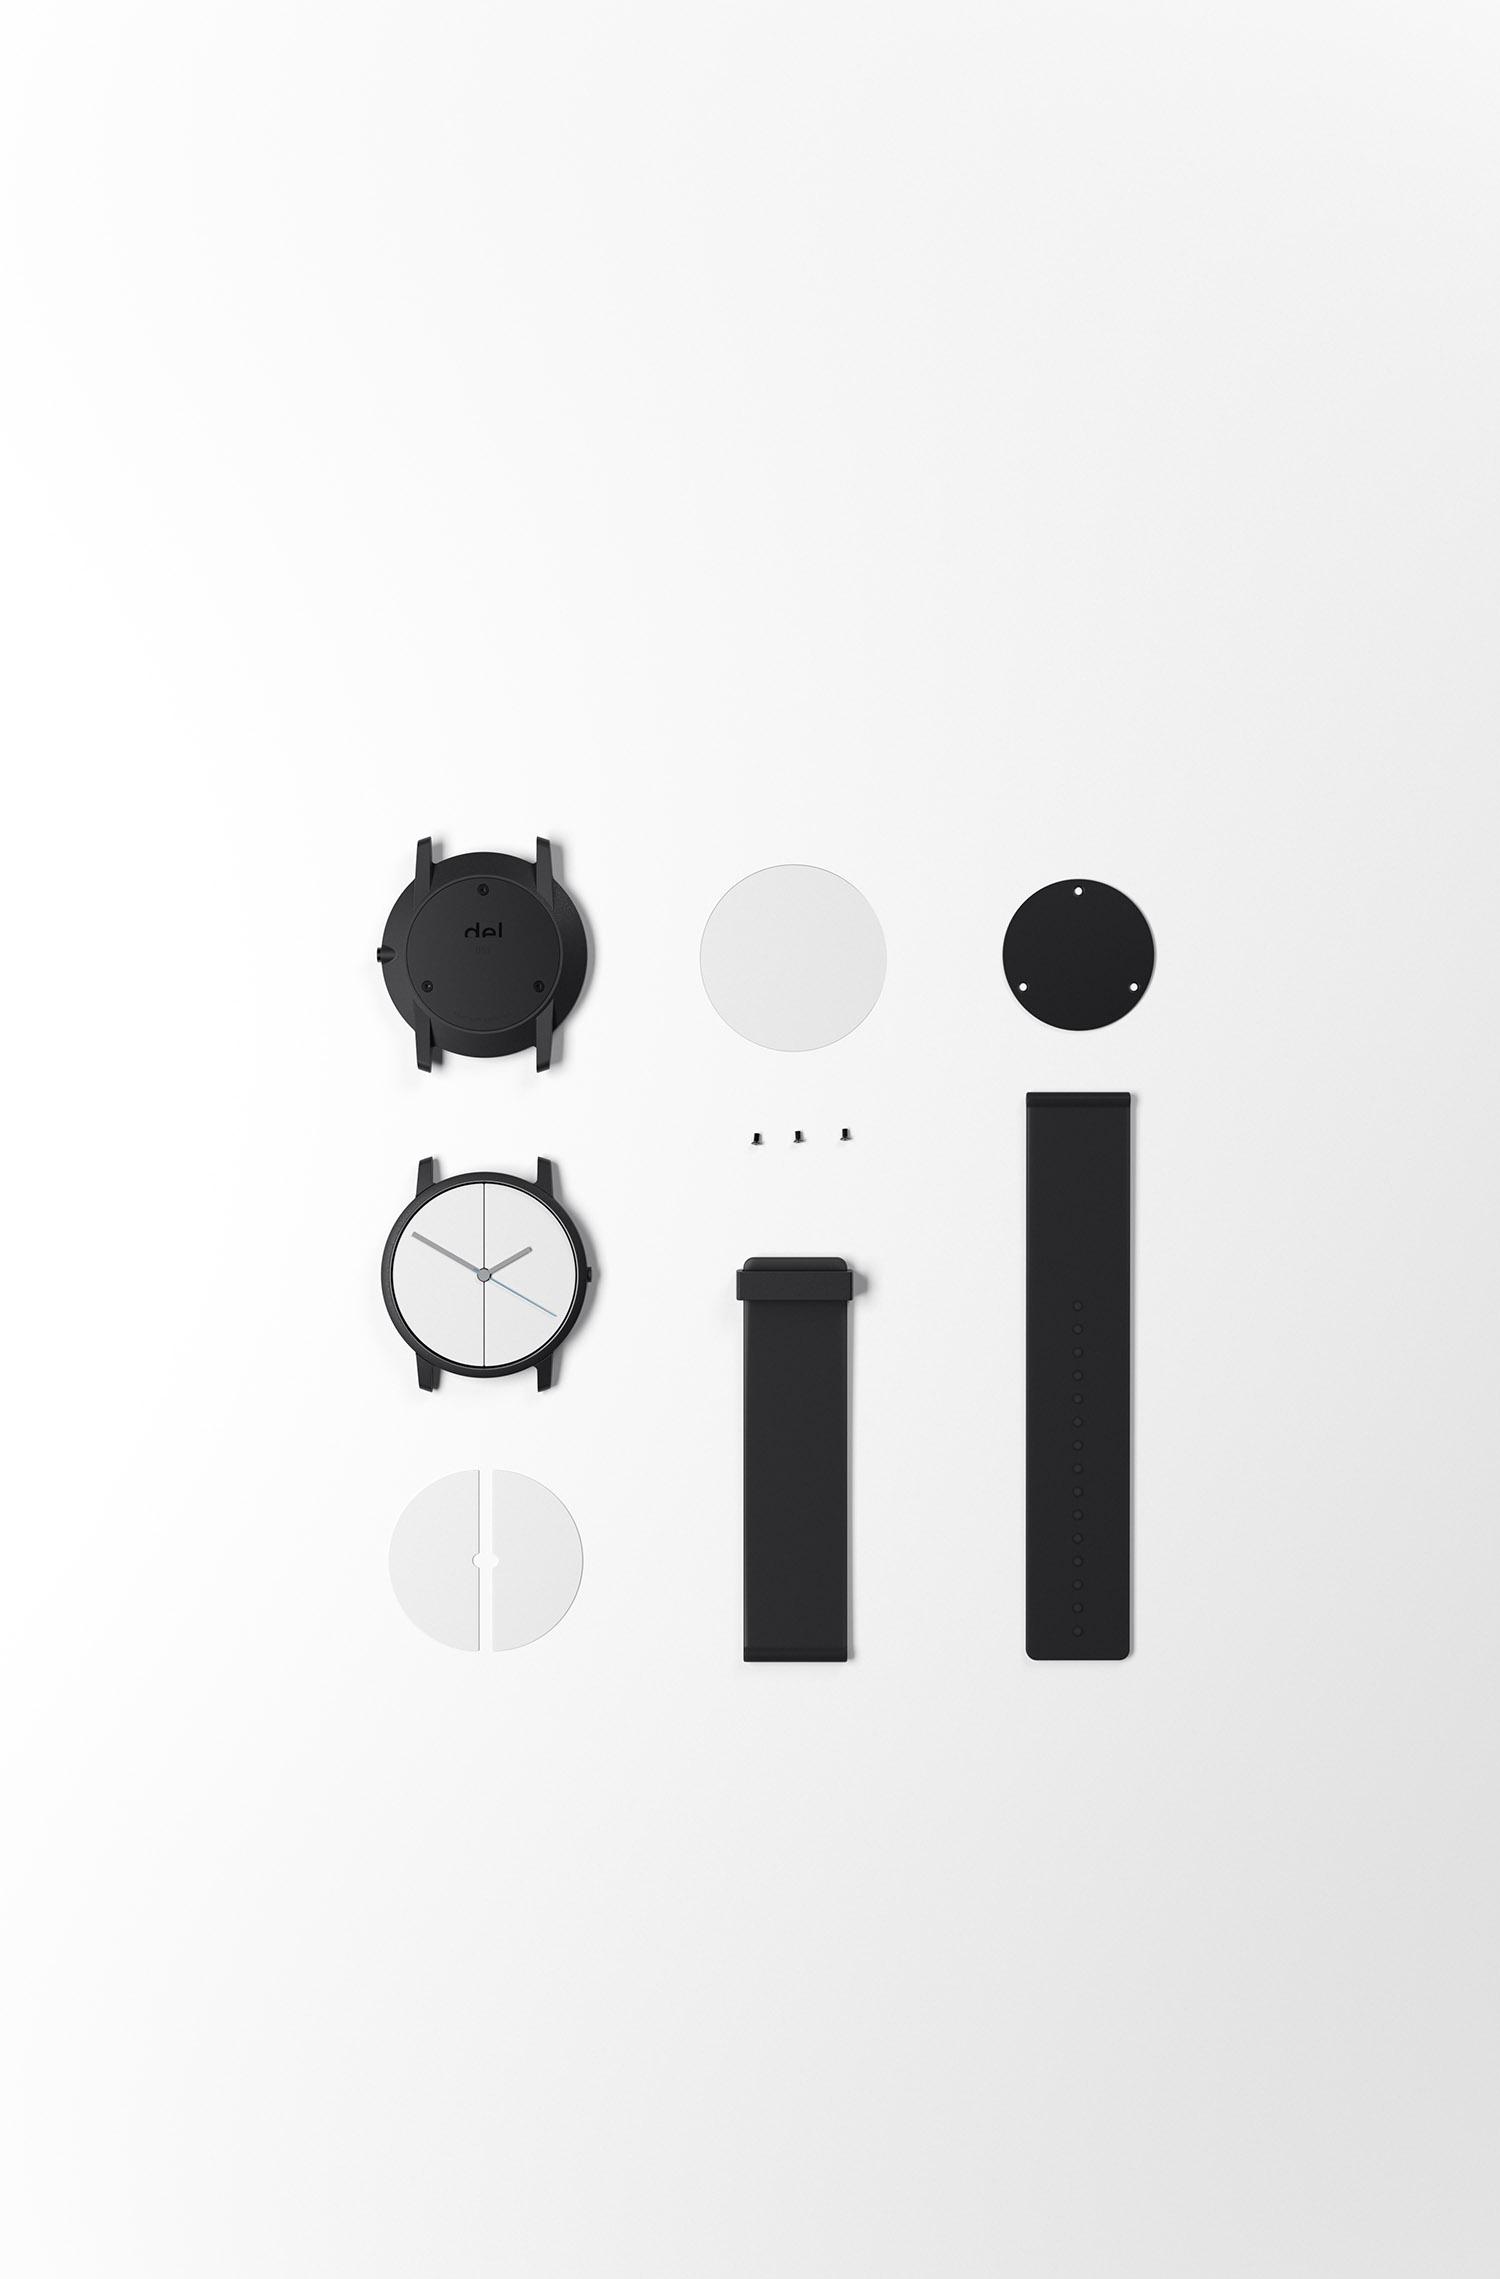 clock_21_parts